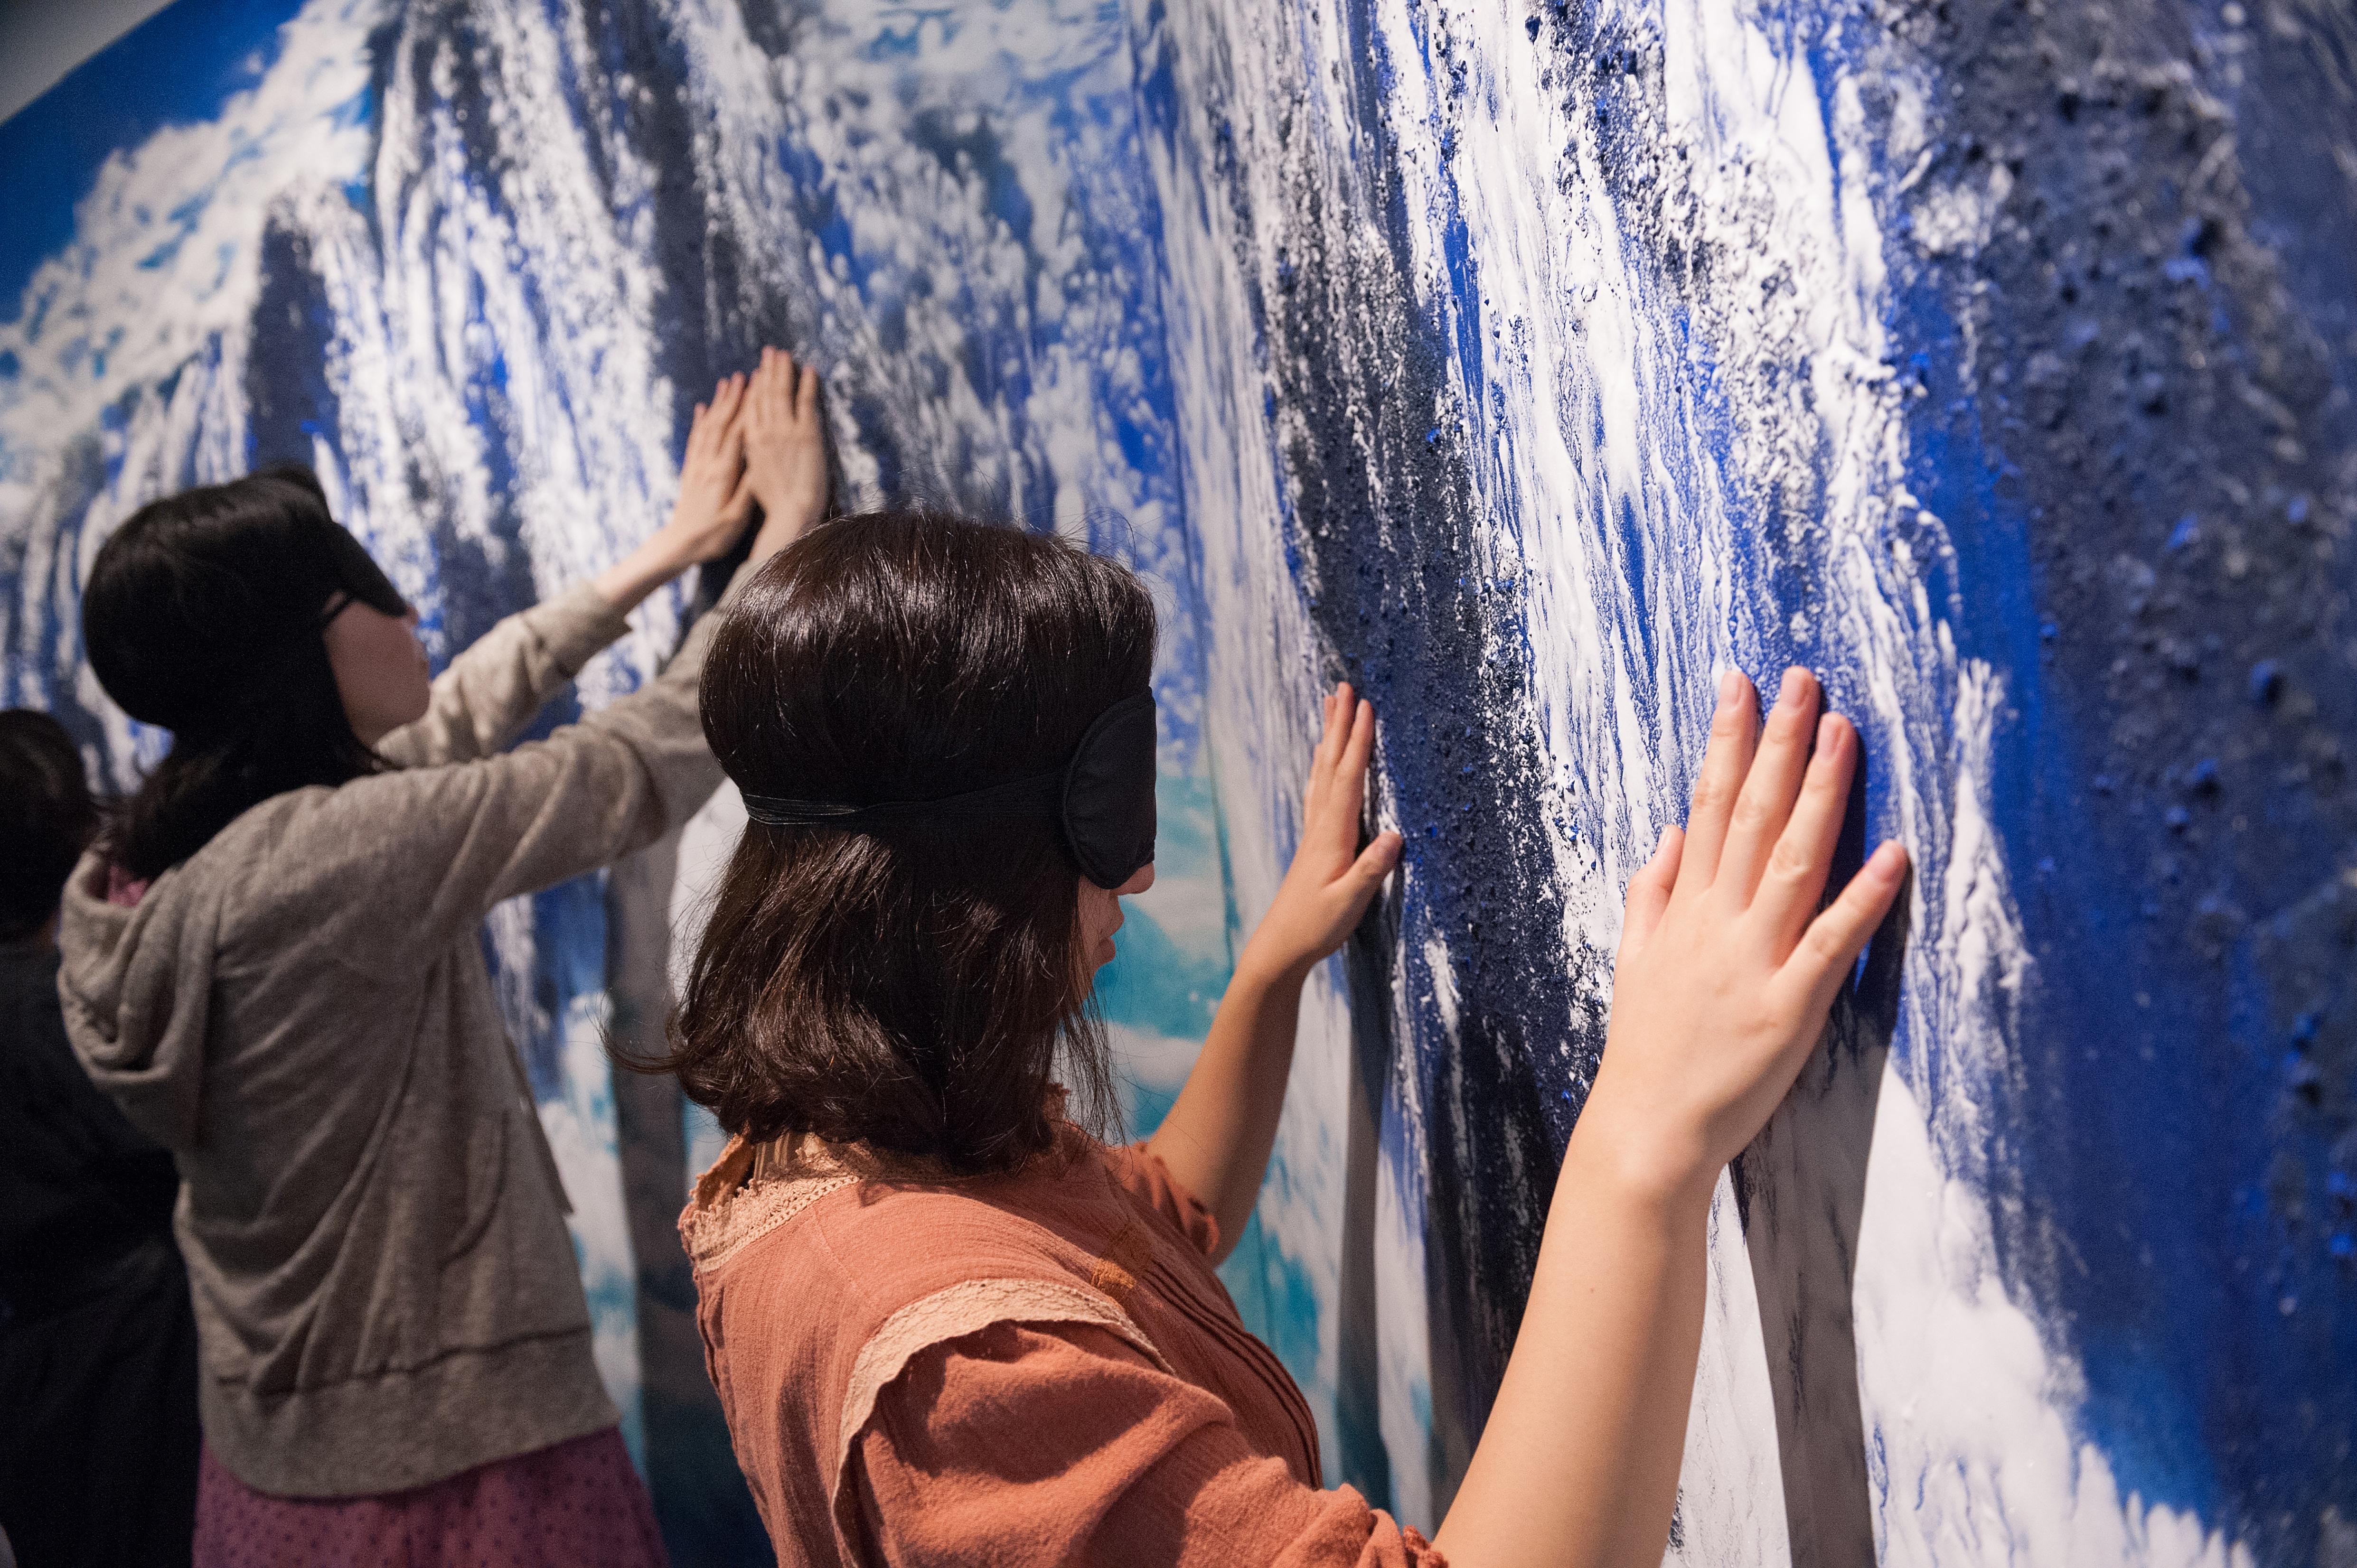 文化芸術を基盤とした平和で平等な社会の実現を目指して